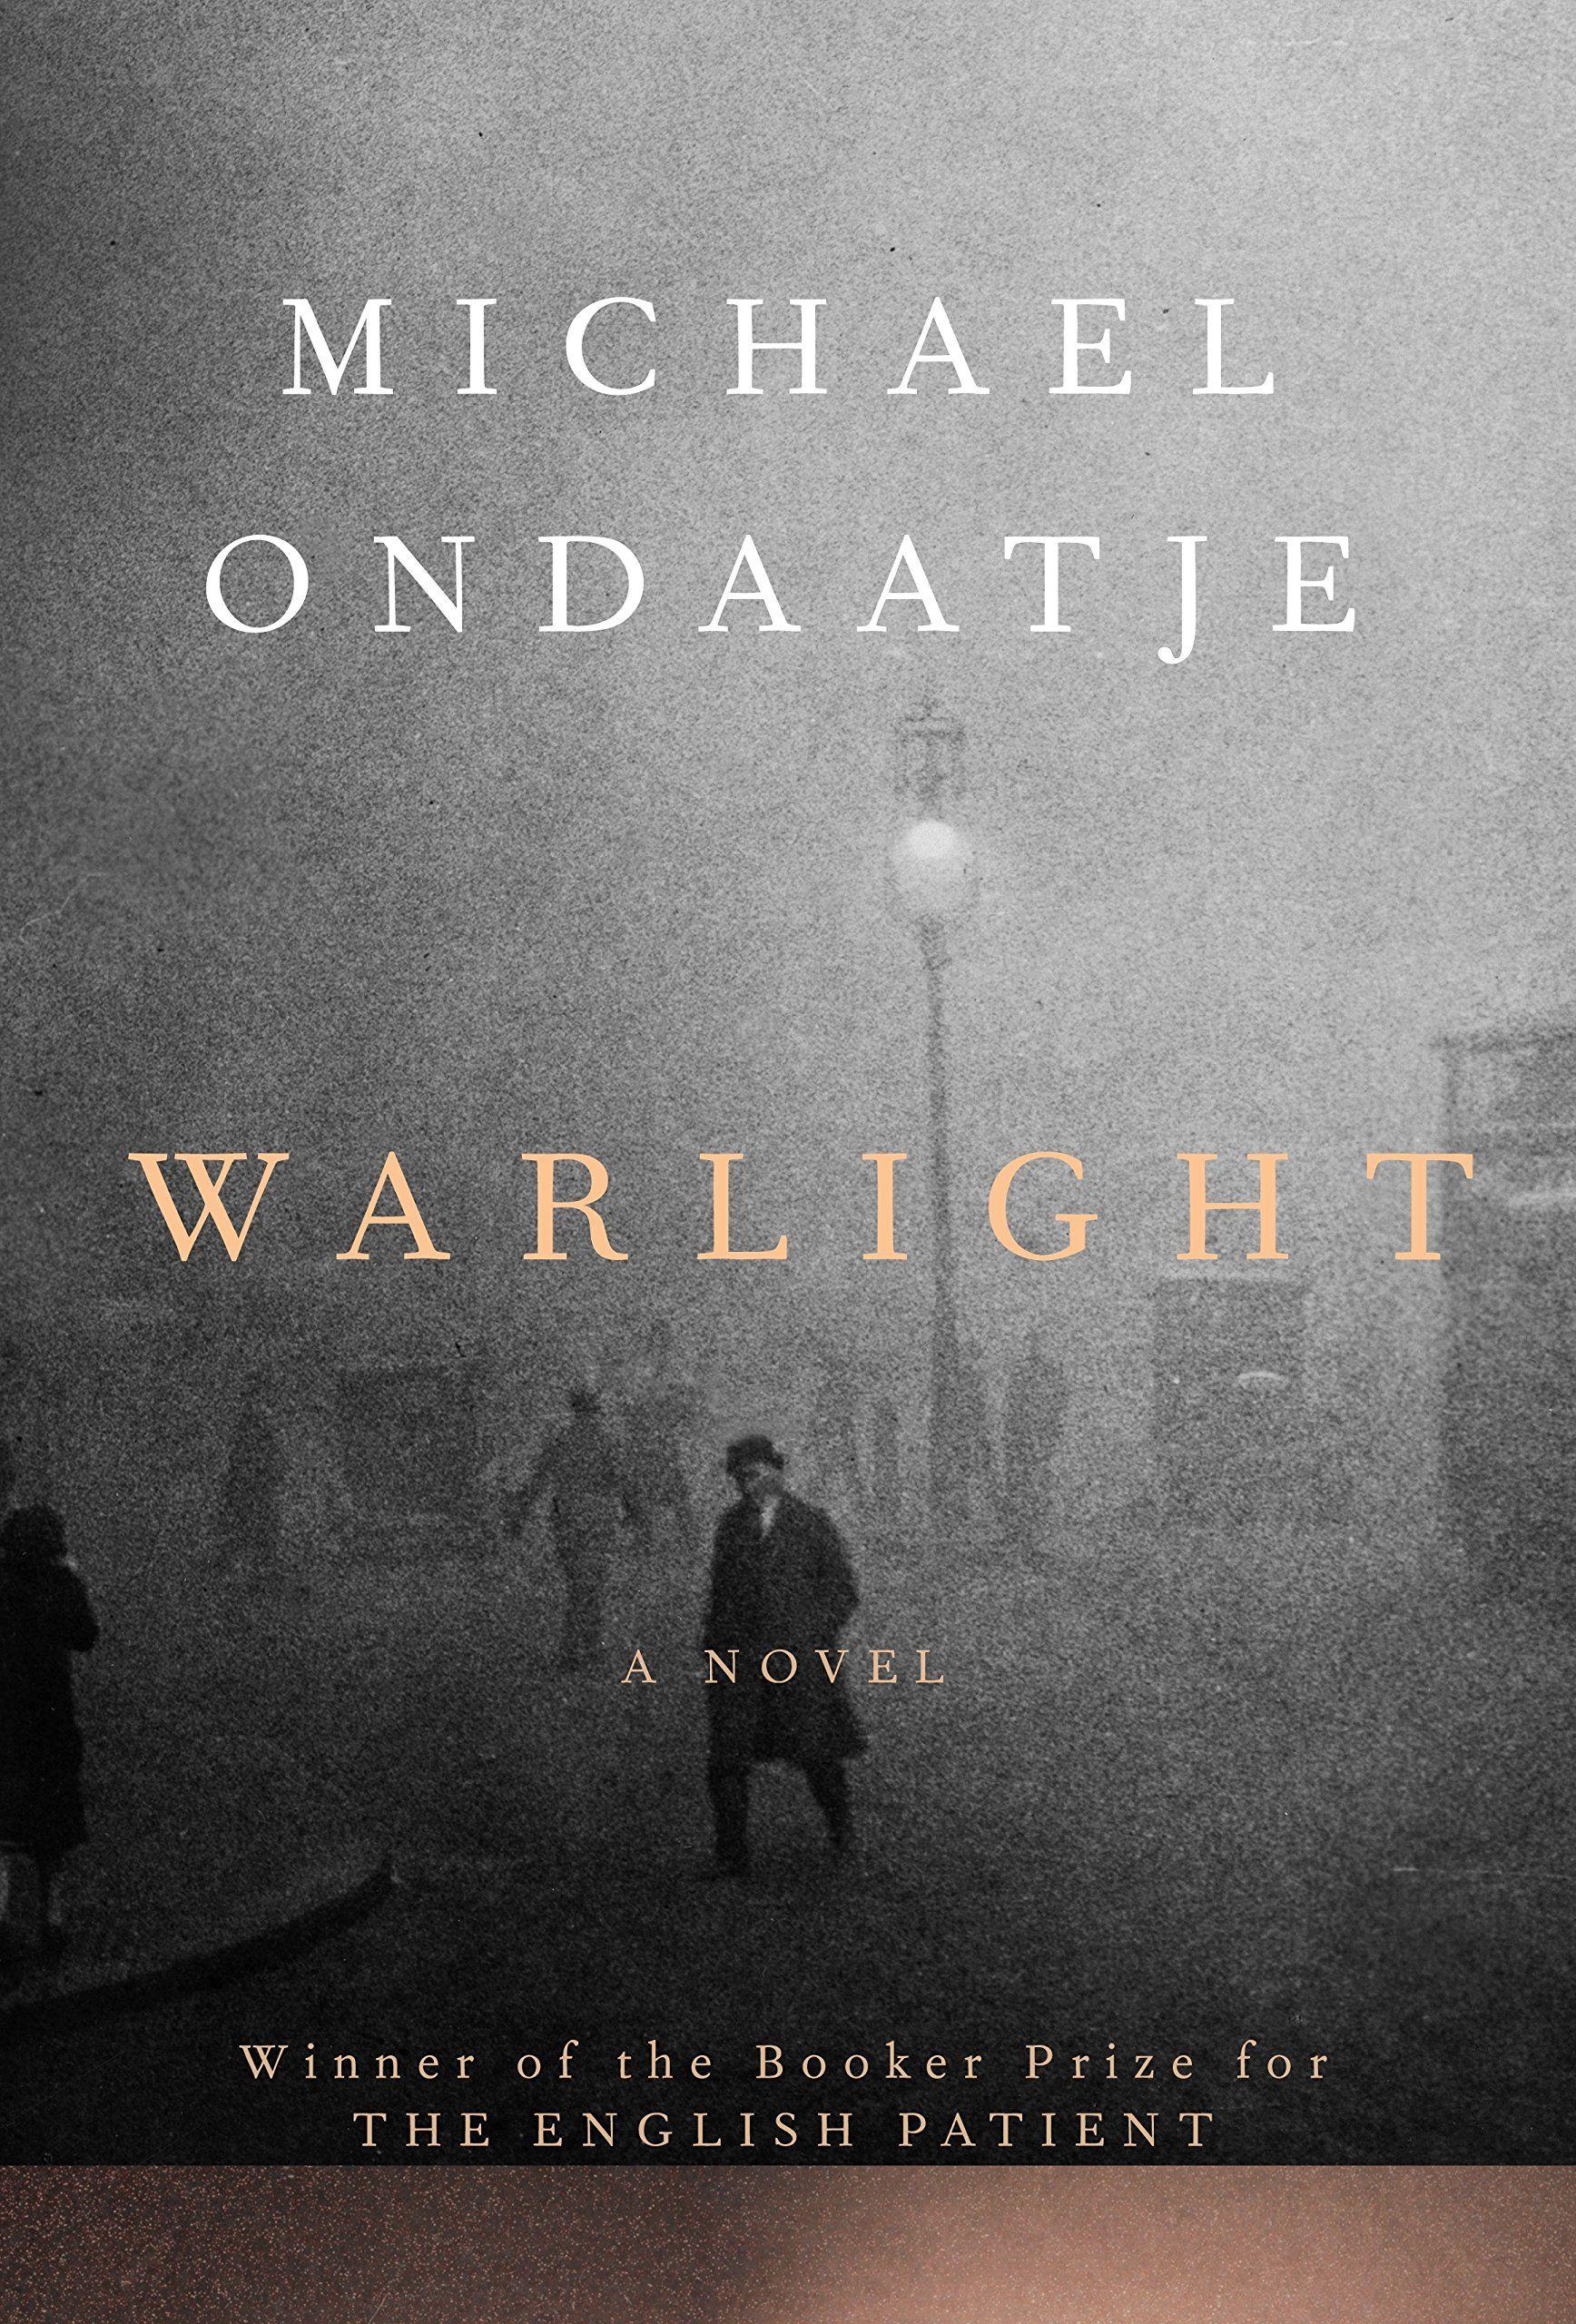 Warlight: A novel: Michael Ondaatje #books